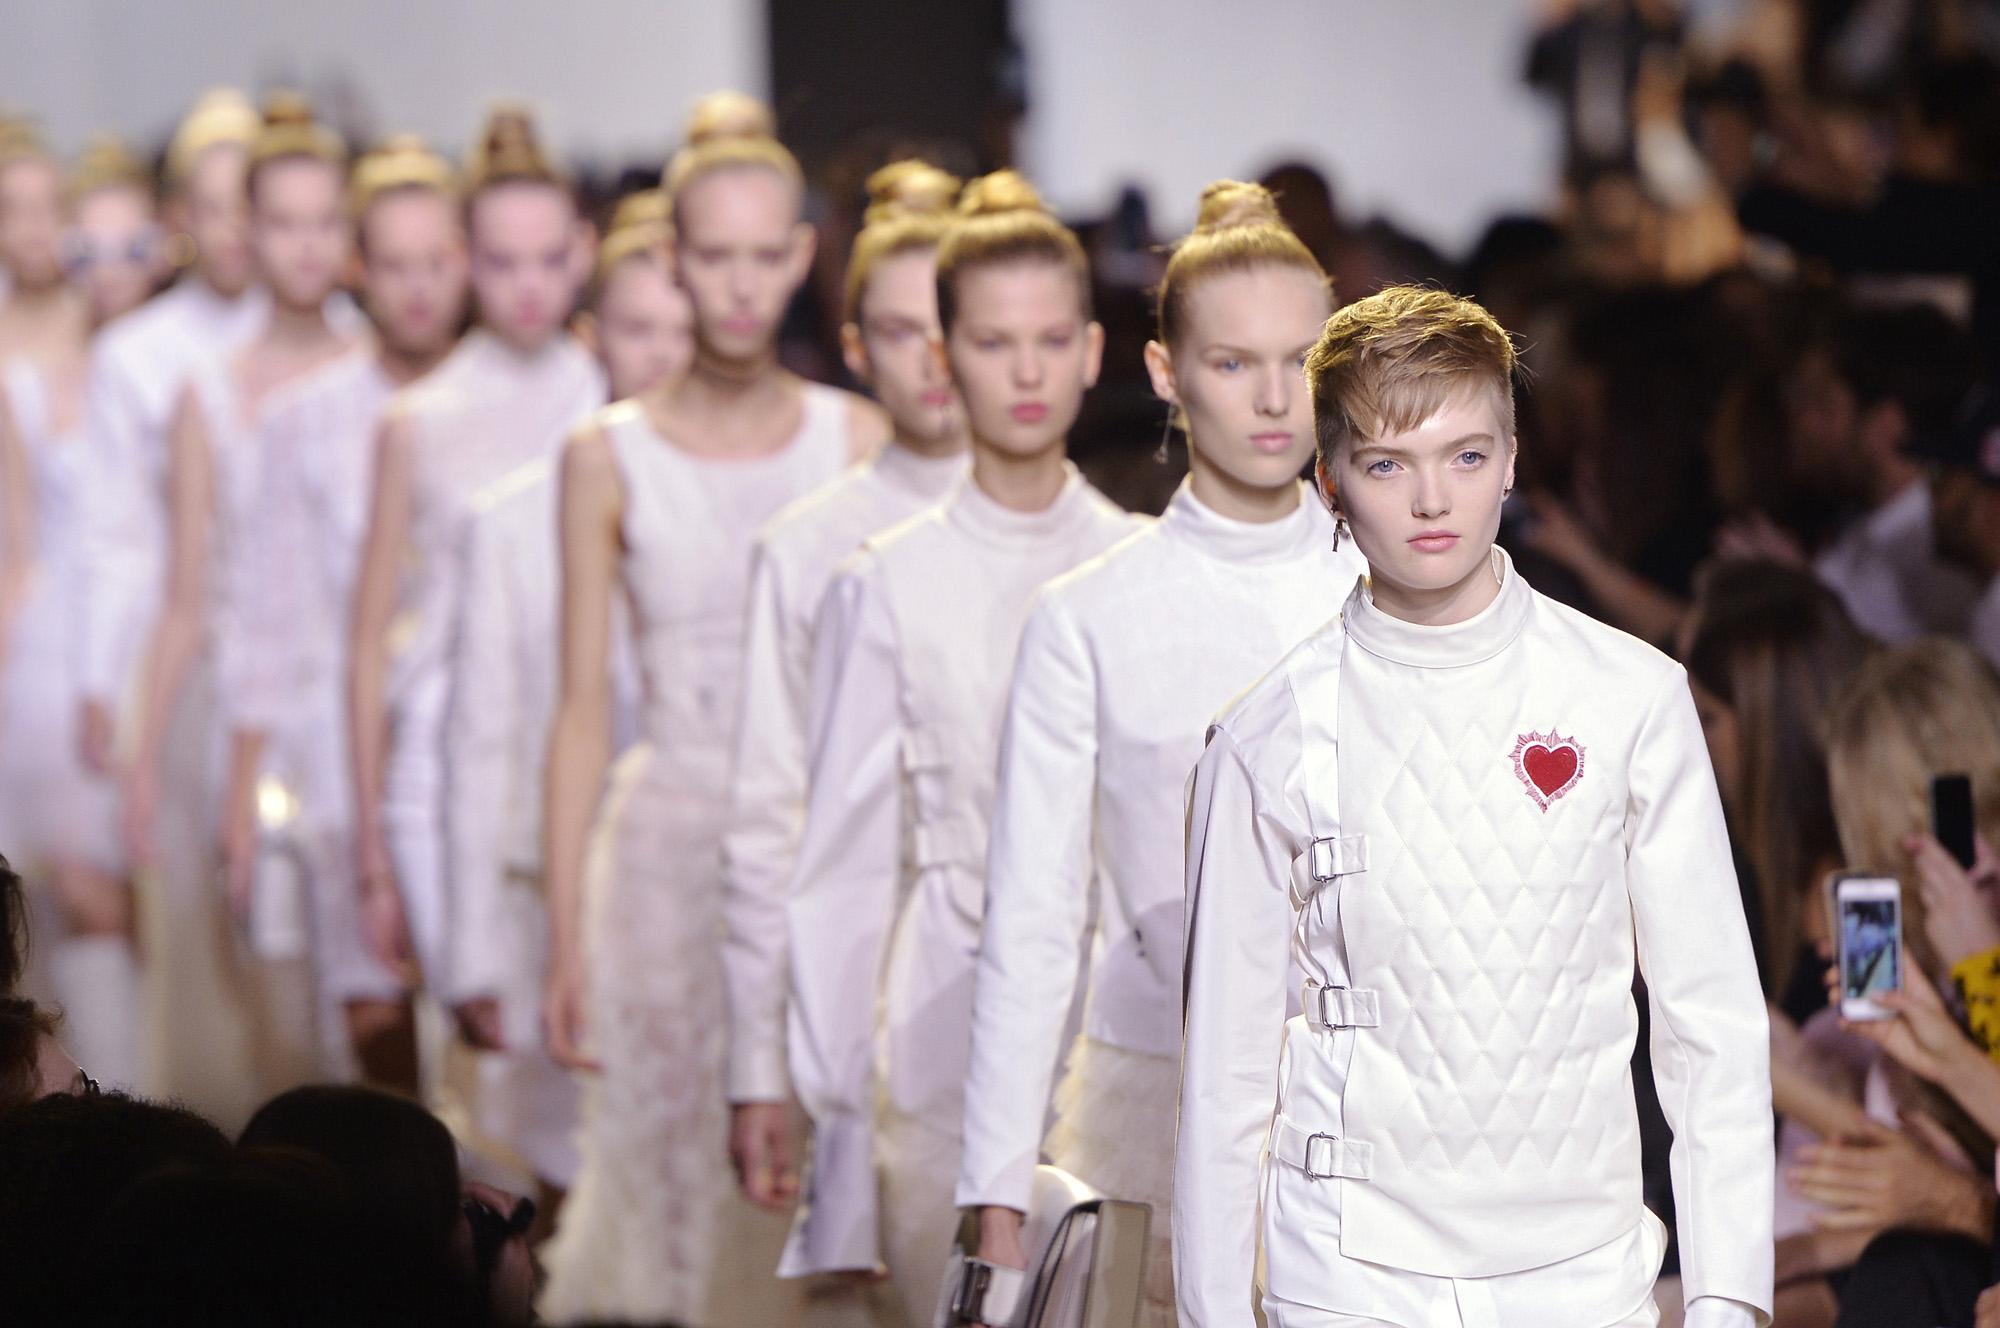 תצוגת אופנה של כריסטיאן דיור. בנו של ברנאר ארנו, מבעלי המותג, מיהר לתמוך במאבק למען זכויות לדוגמניות (צילום: Gettyimages)